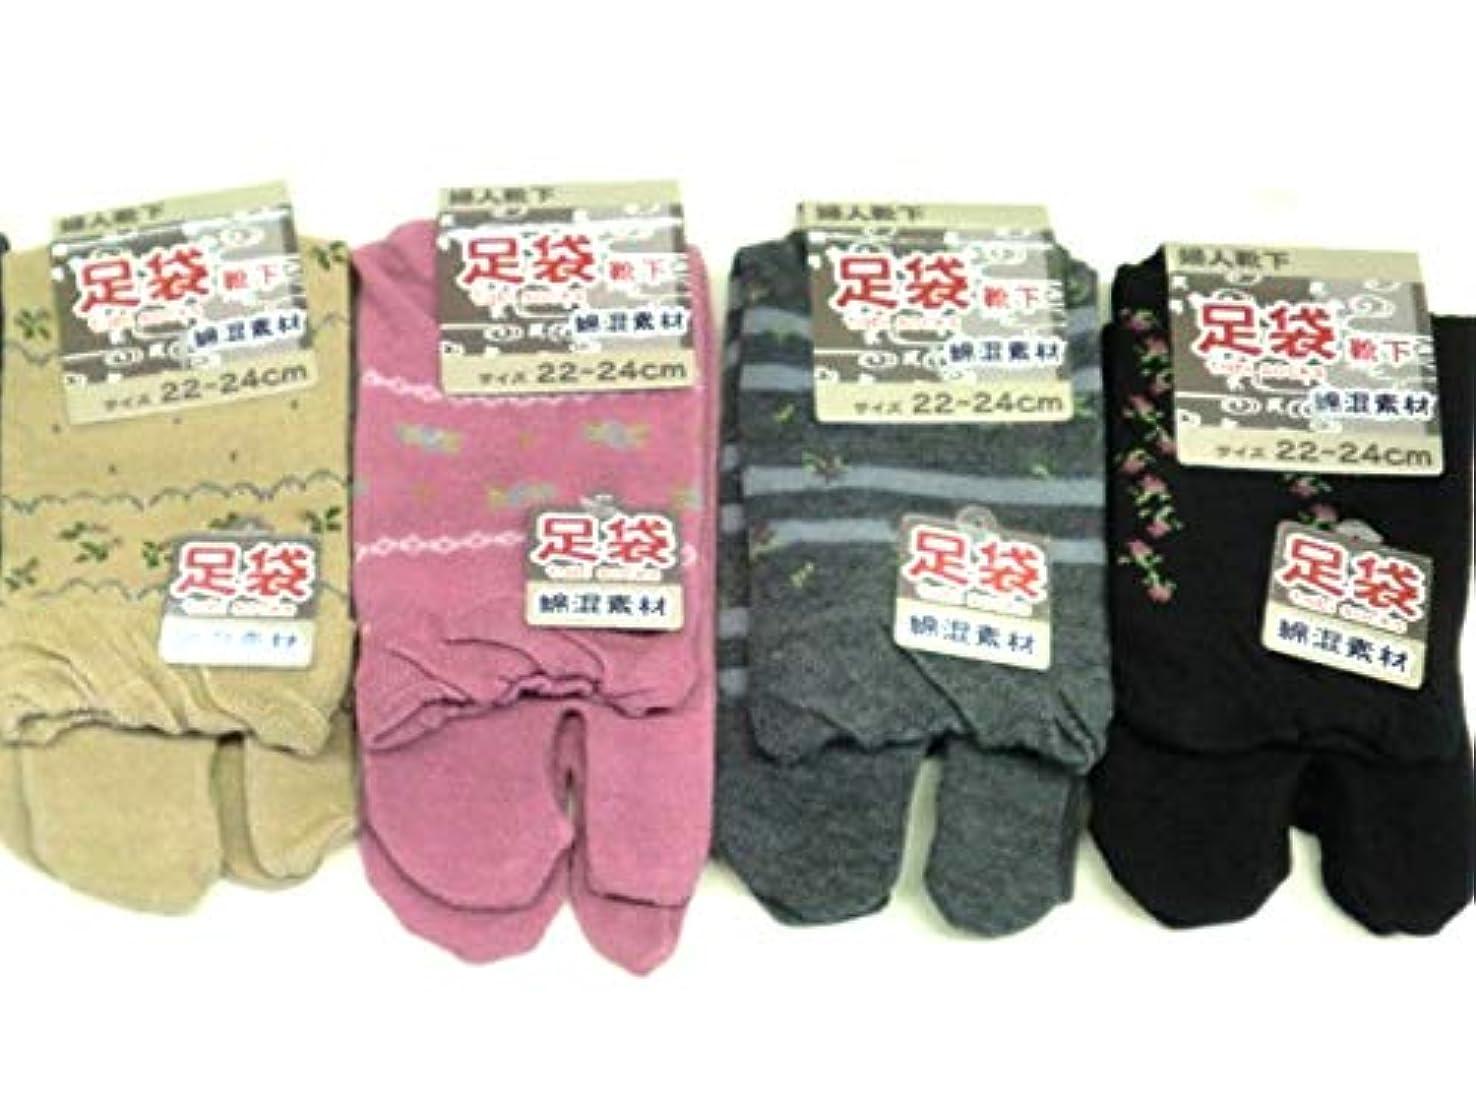 従来の上向き注目すべき足袋 ソックス 女性 かわいい柄 綿混 かかと付 口ゴムゆったり 22-24cm 4足セット(柄はお任せ)